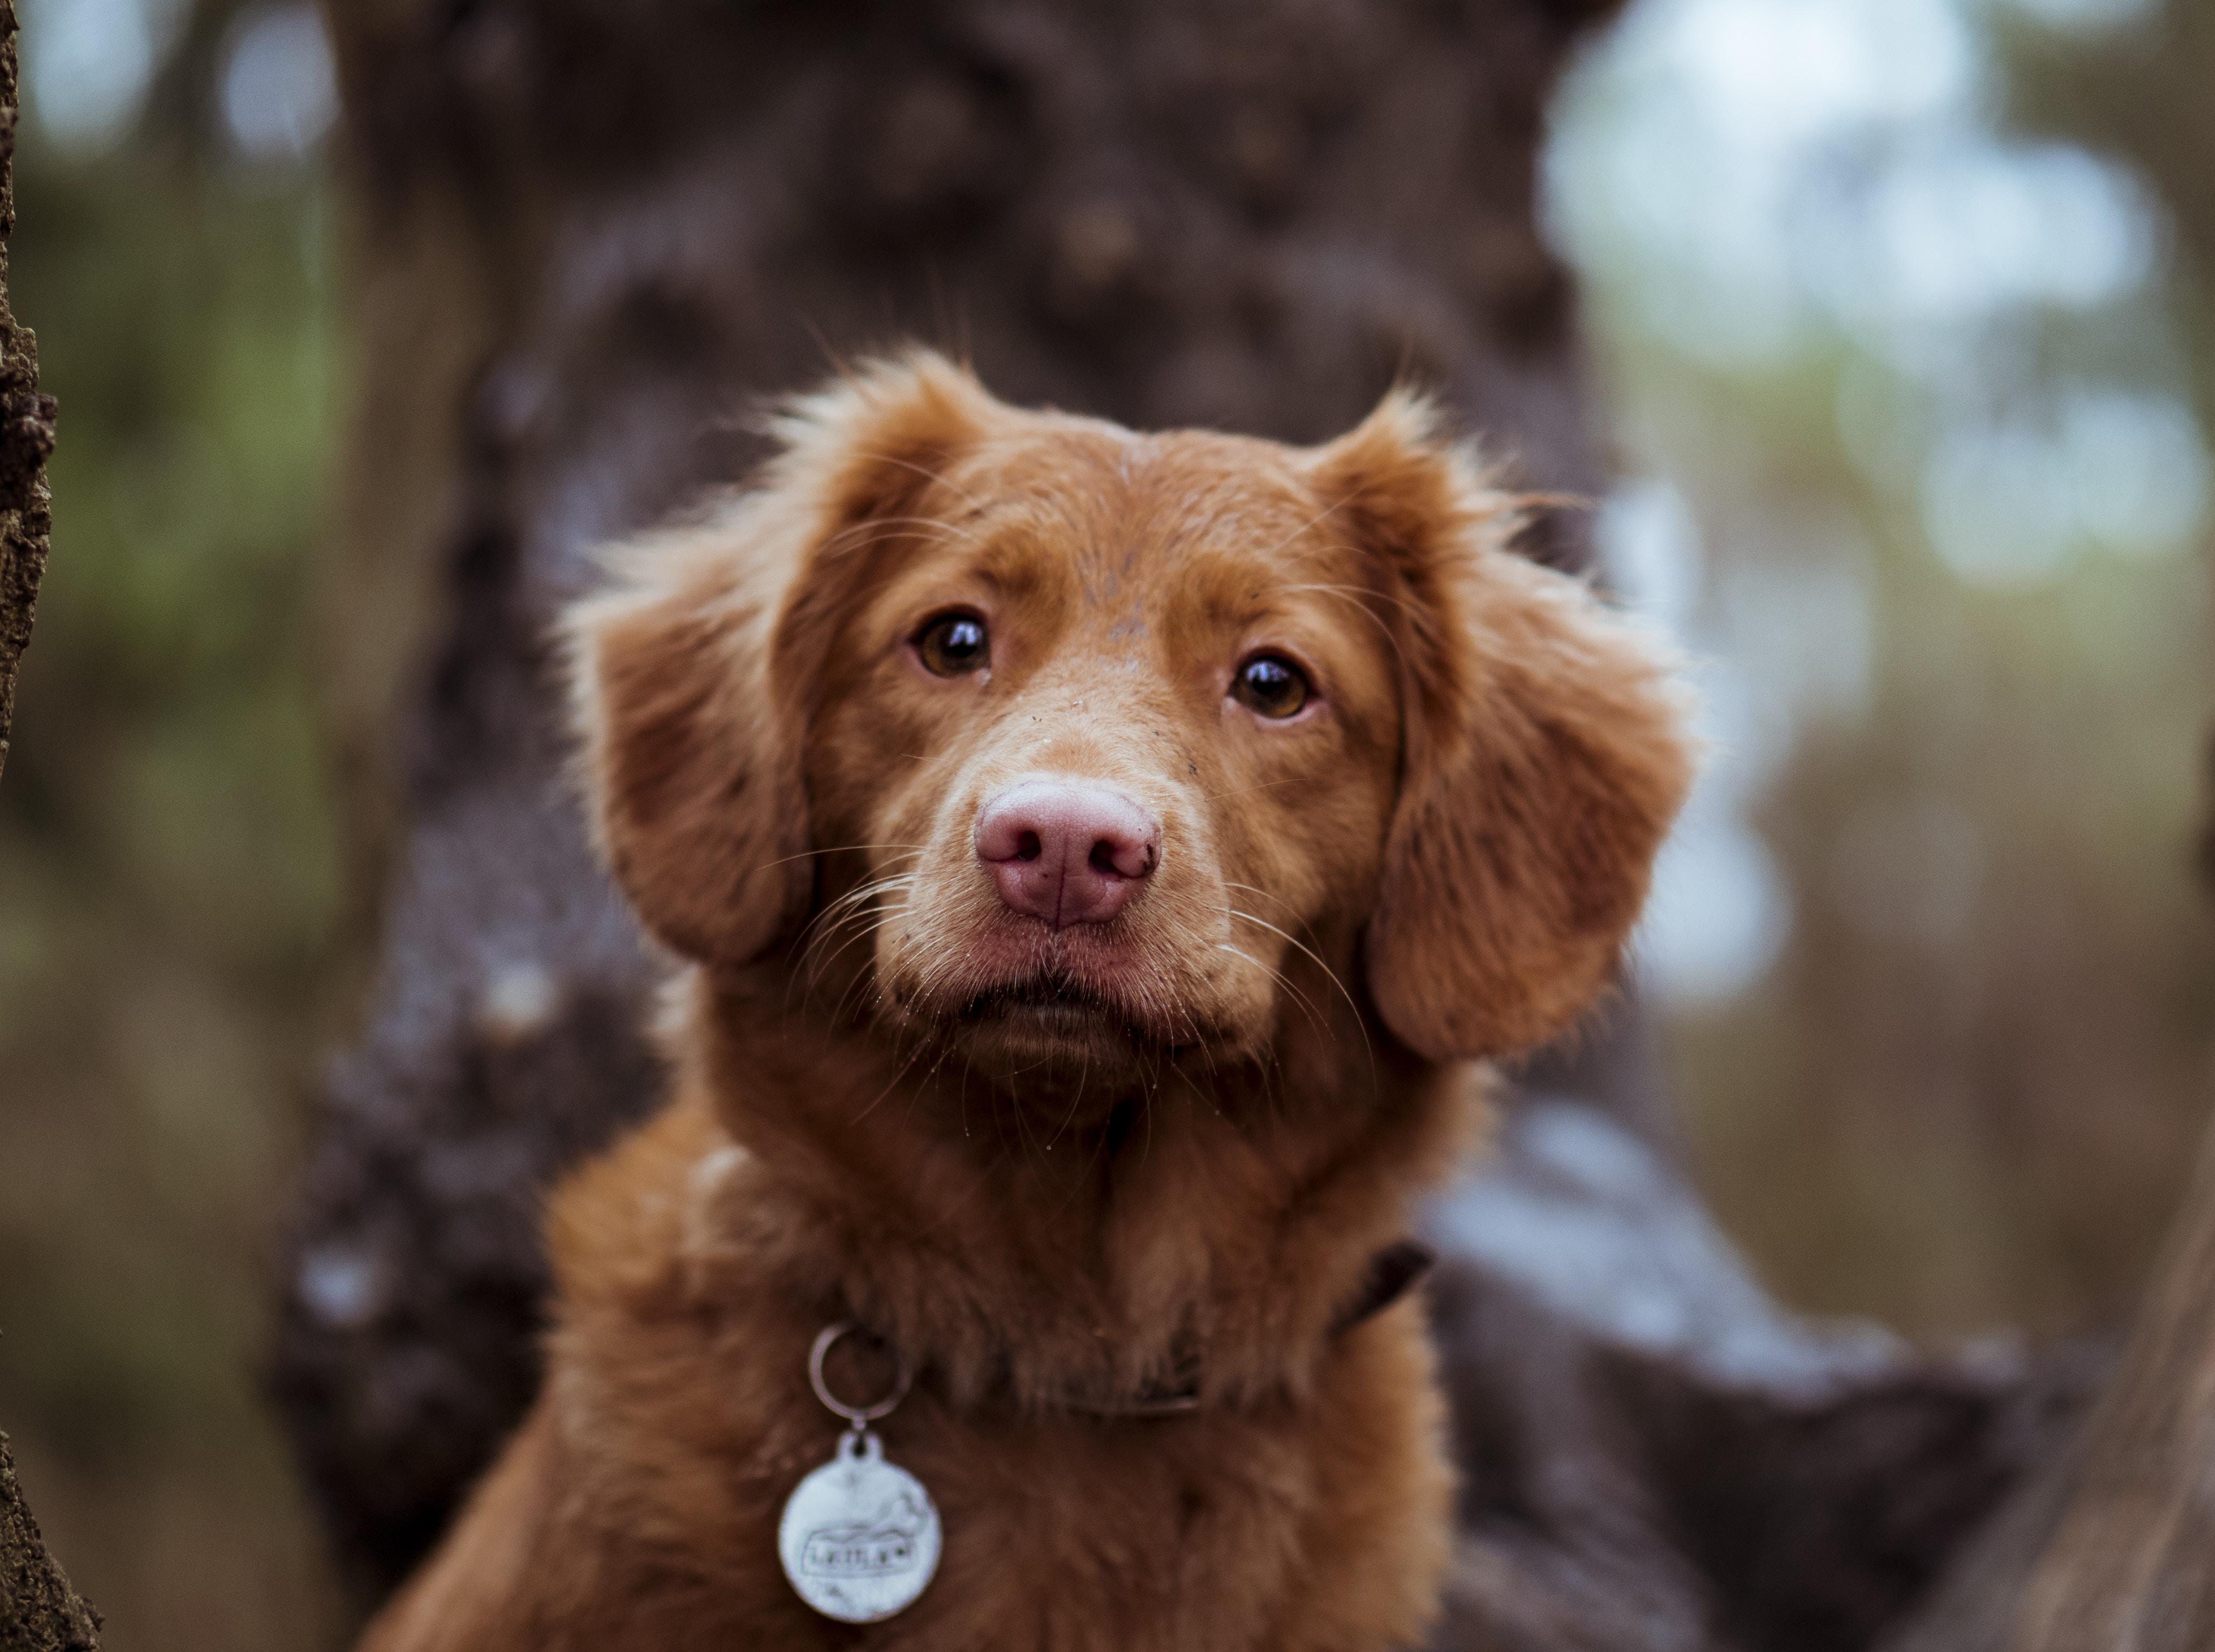 tilt shift lens photography of brown dog